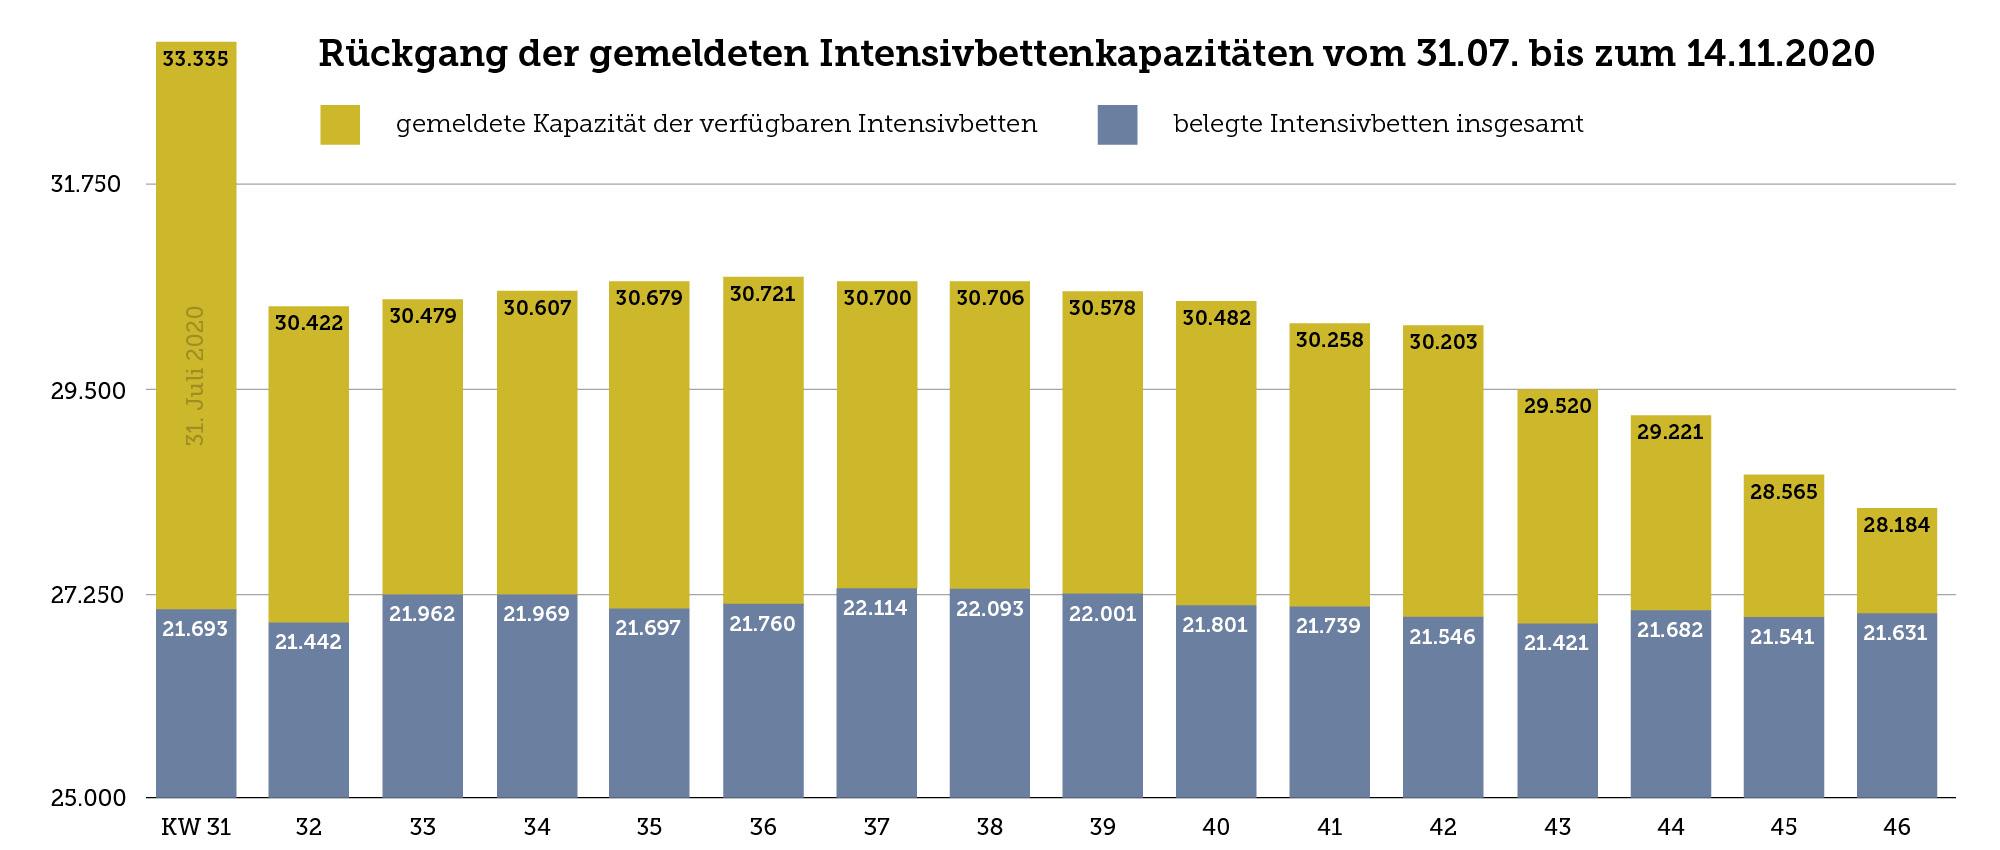 Die Grafik zeigt den Rückgang der gemeldeten Intensivbettenkapazitäten vom 31.07. bis zum 14.11.2020